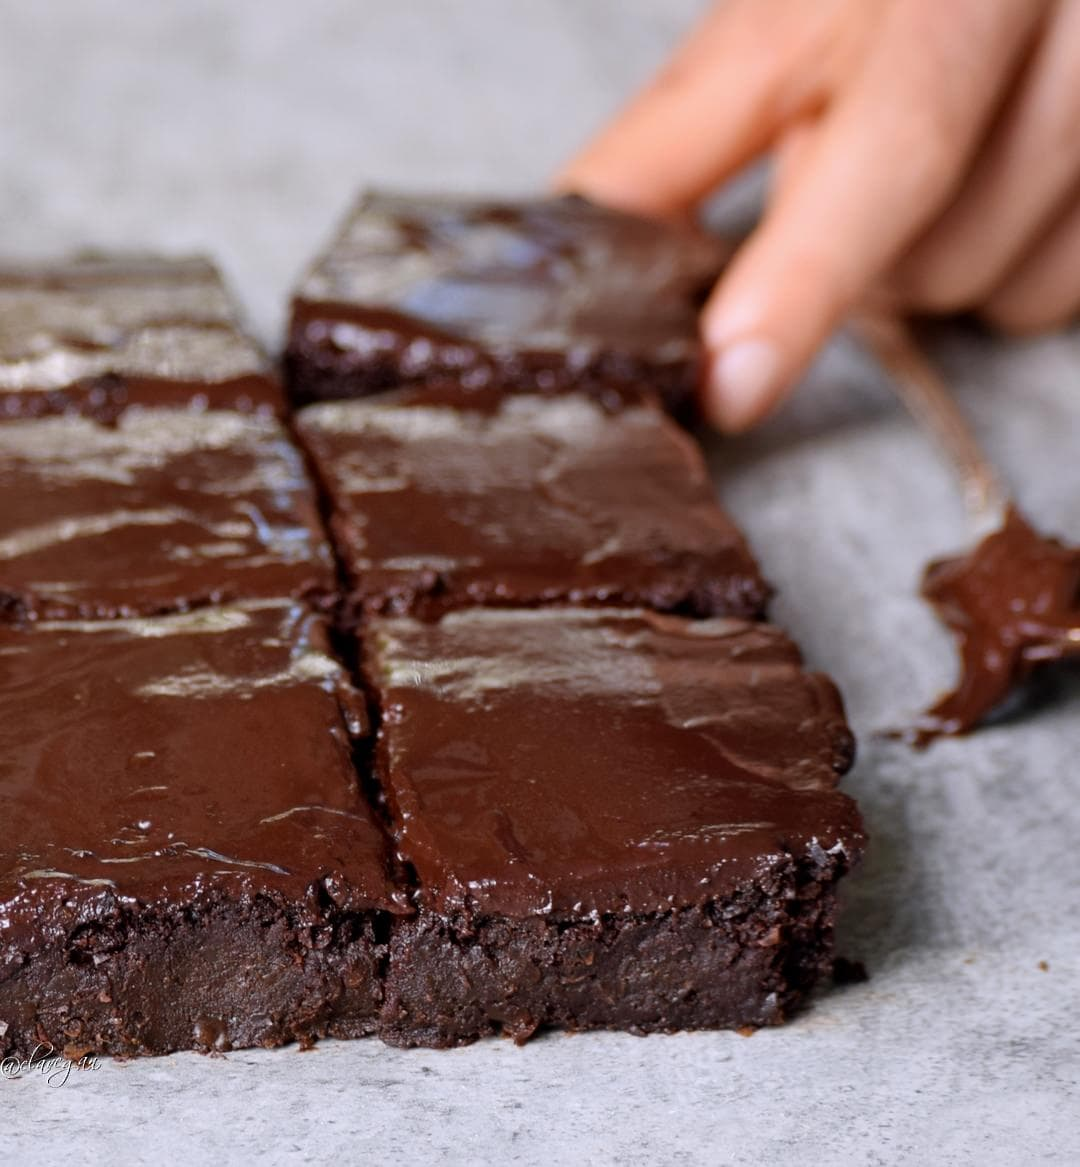 die besten brownies einfaches rezept aus erbsen, ohne raffinierten Zucker, vegan und glutenfrei